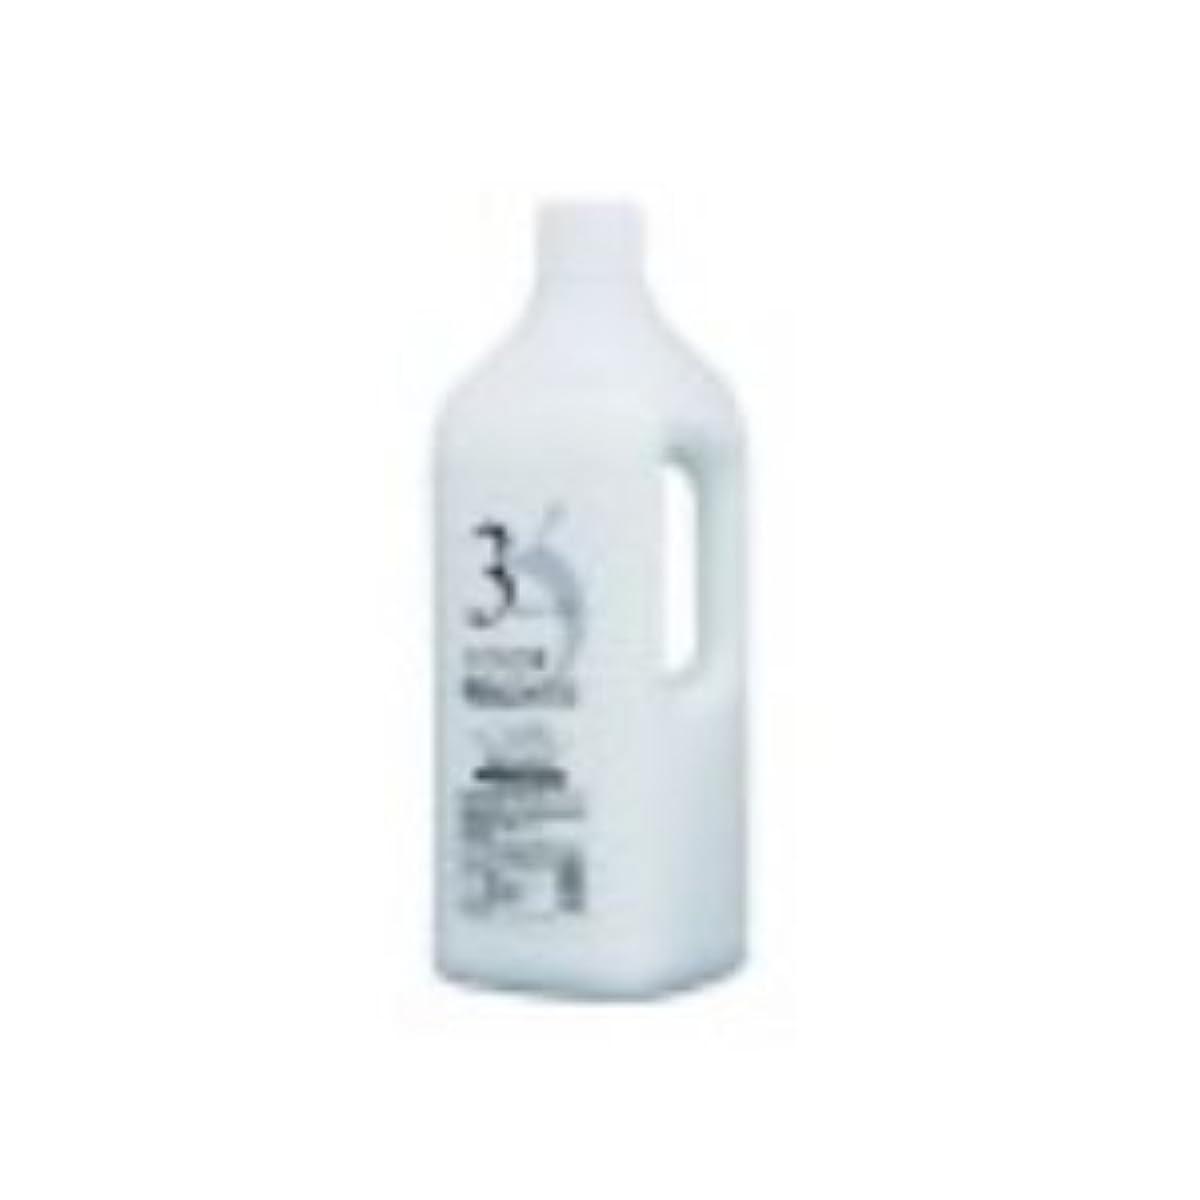 加害者ディーラー支店メロスコスメティックス ヘアカラーファンデーション プロキサイド・ヘアカラー用2剤 3% 2000ml